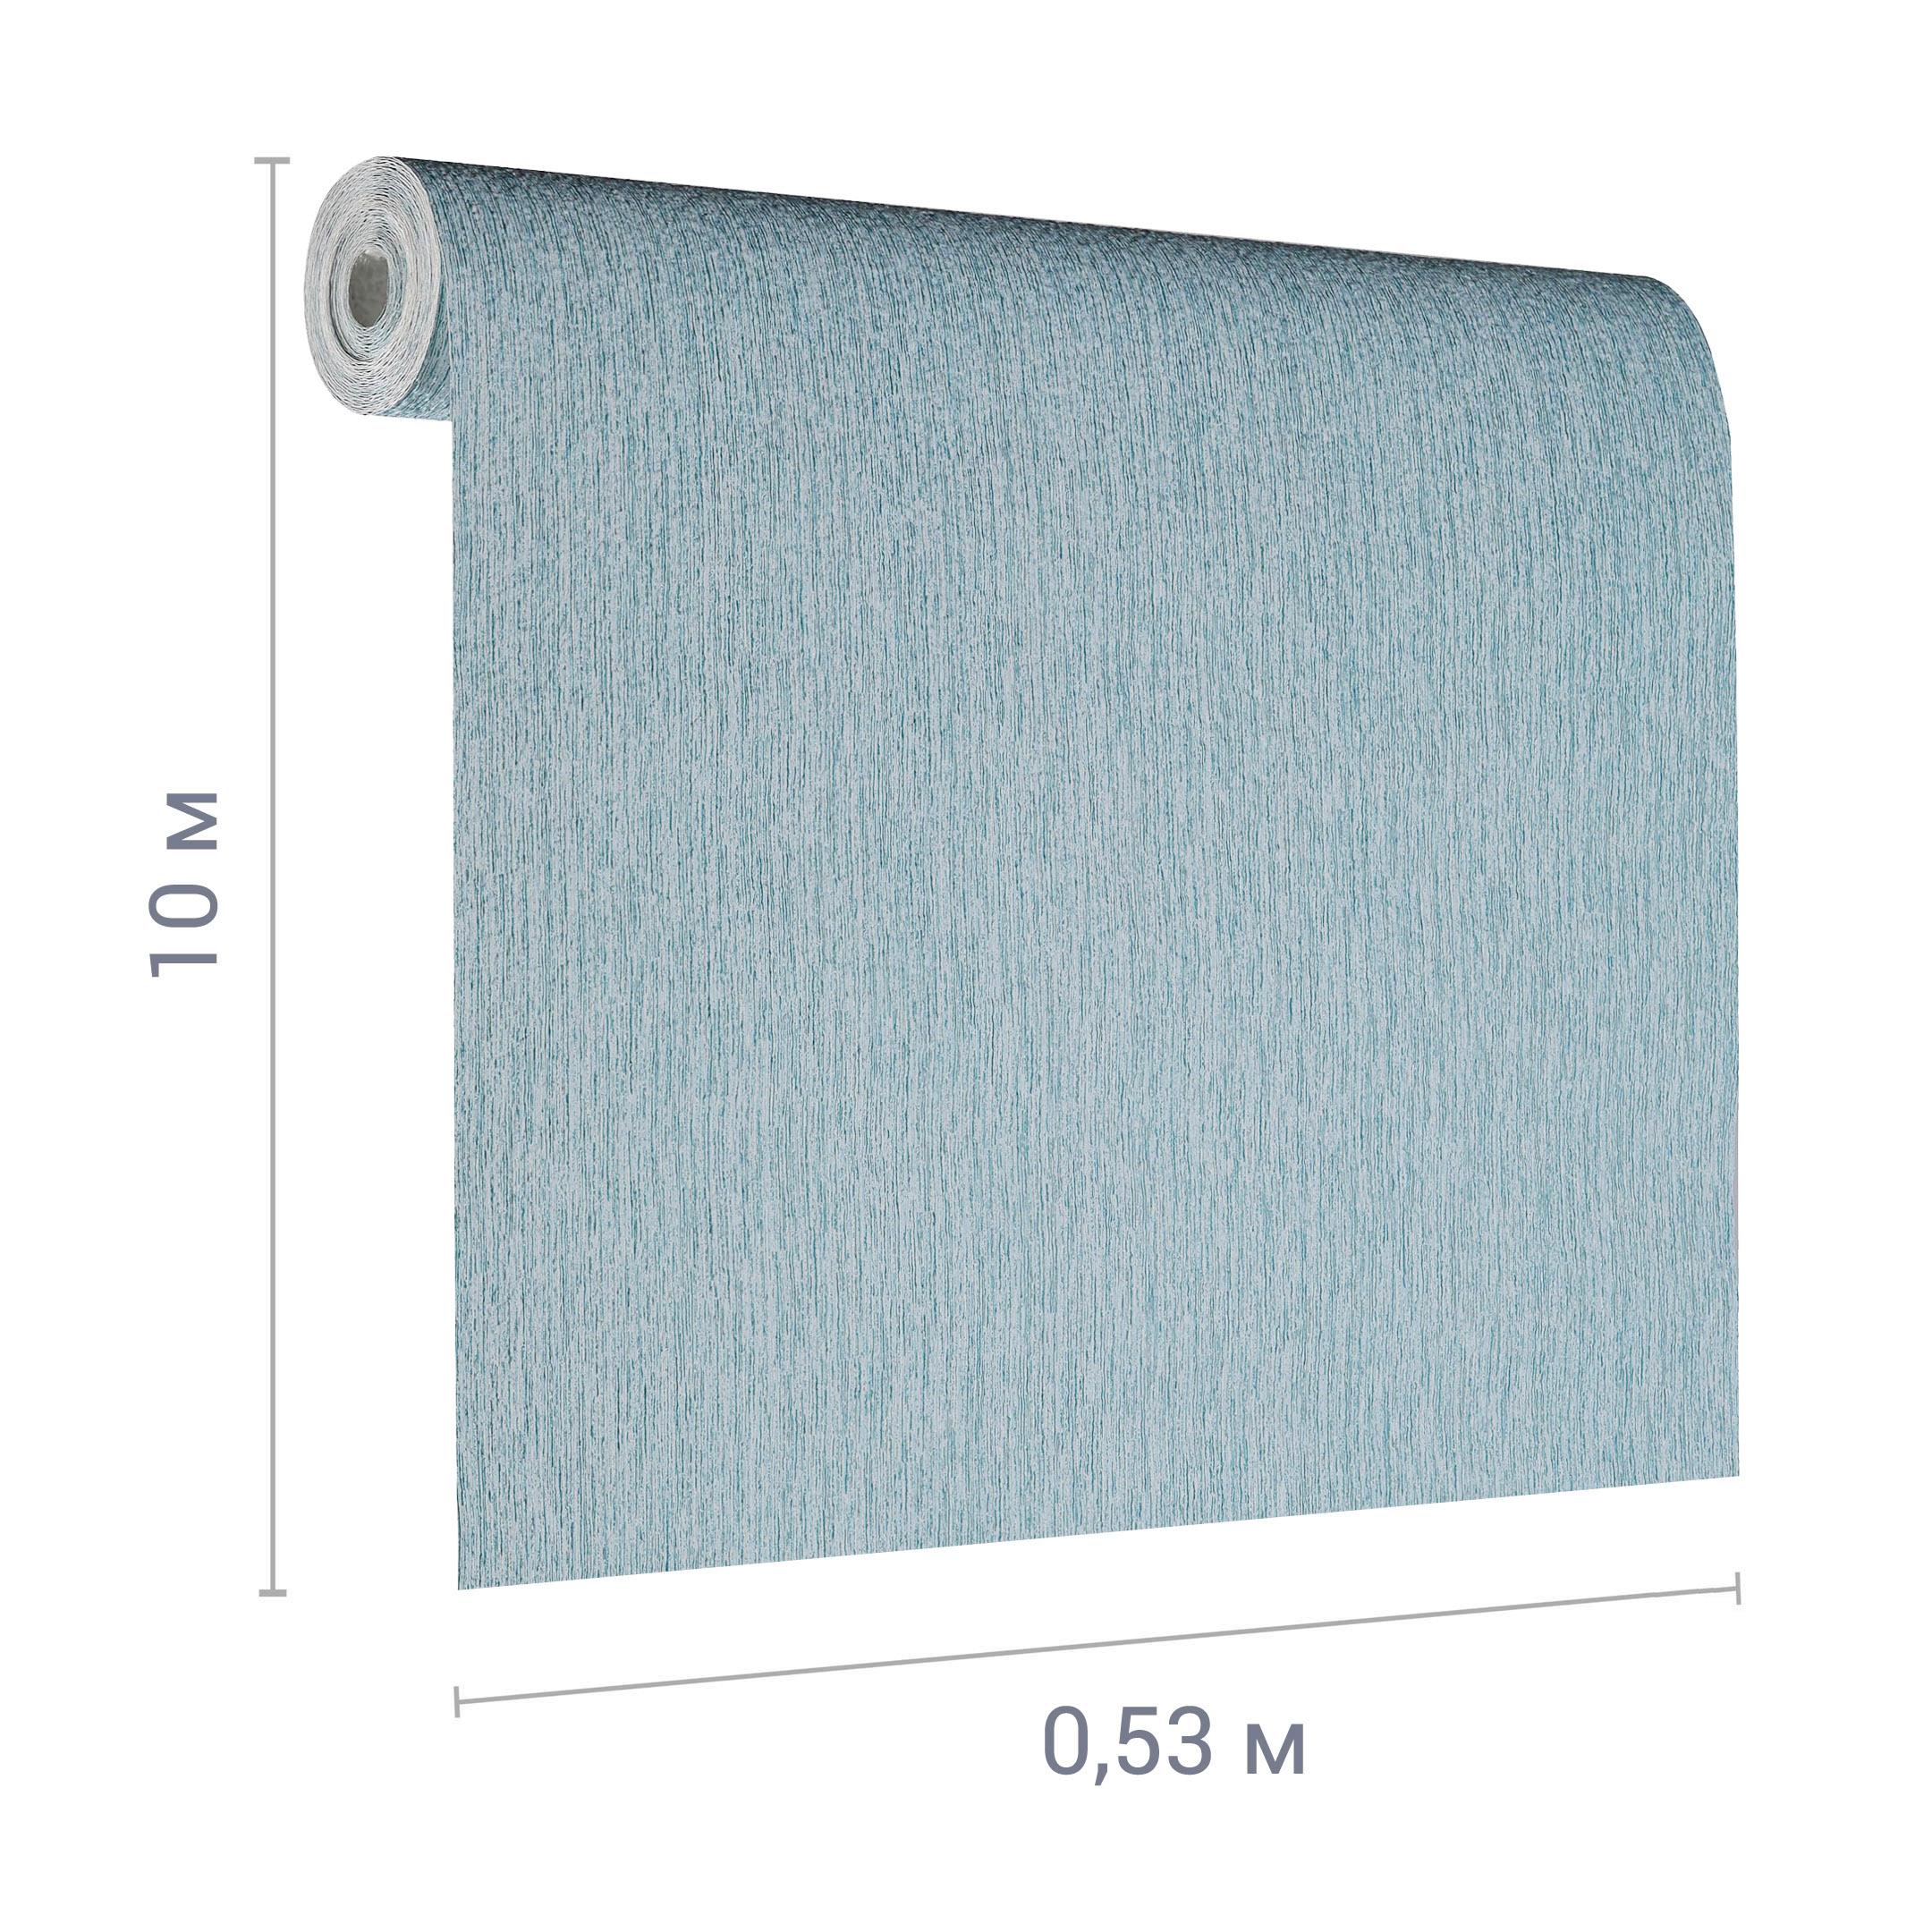 Обои бумажные Саратовские обои Дубок С6-Д 406-11 (0,53х10 м) фото